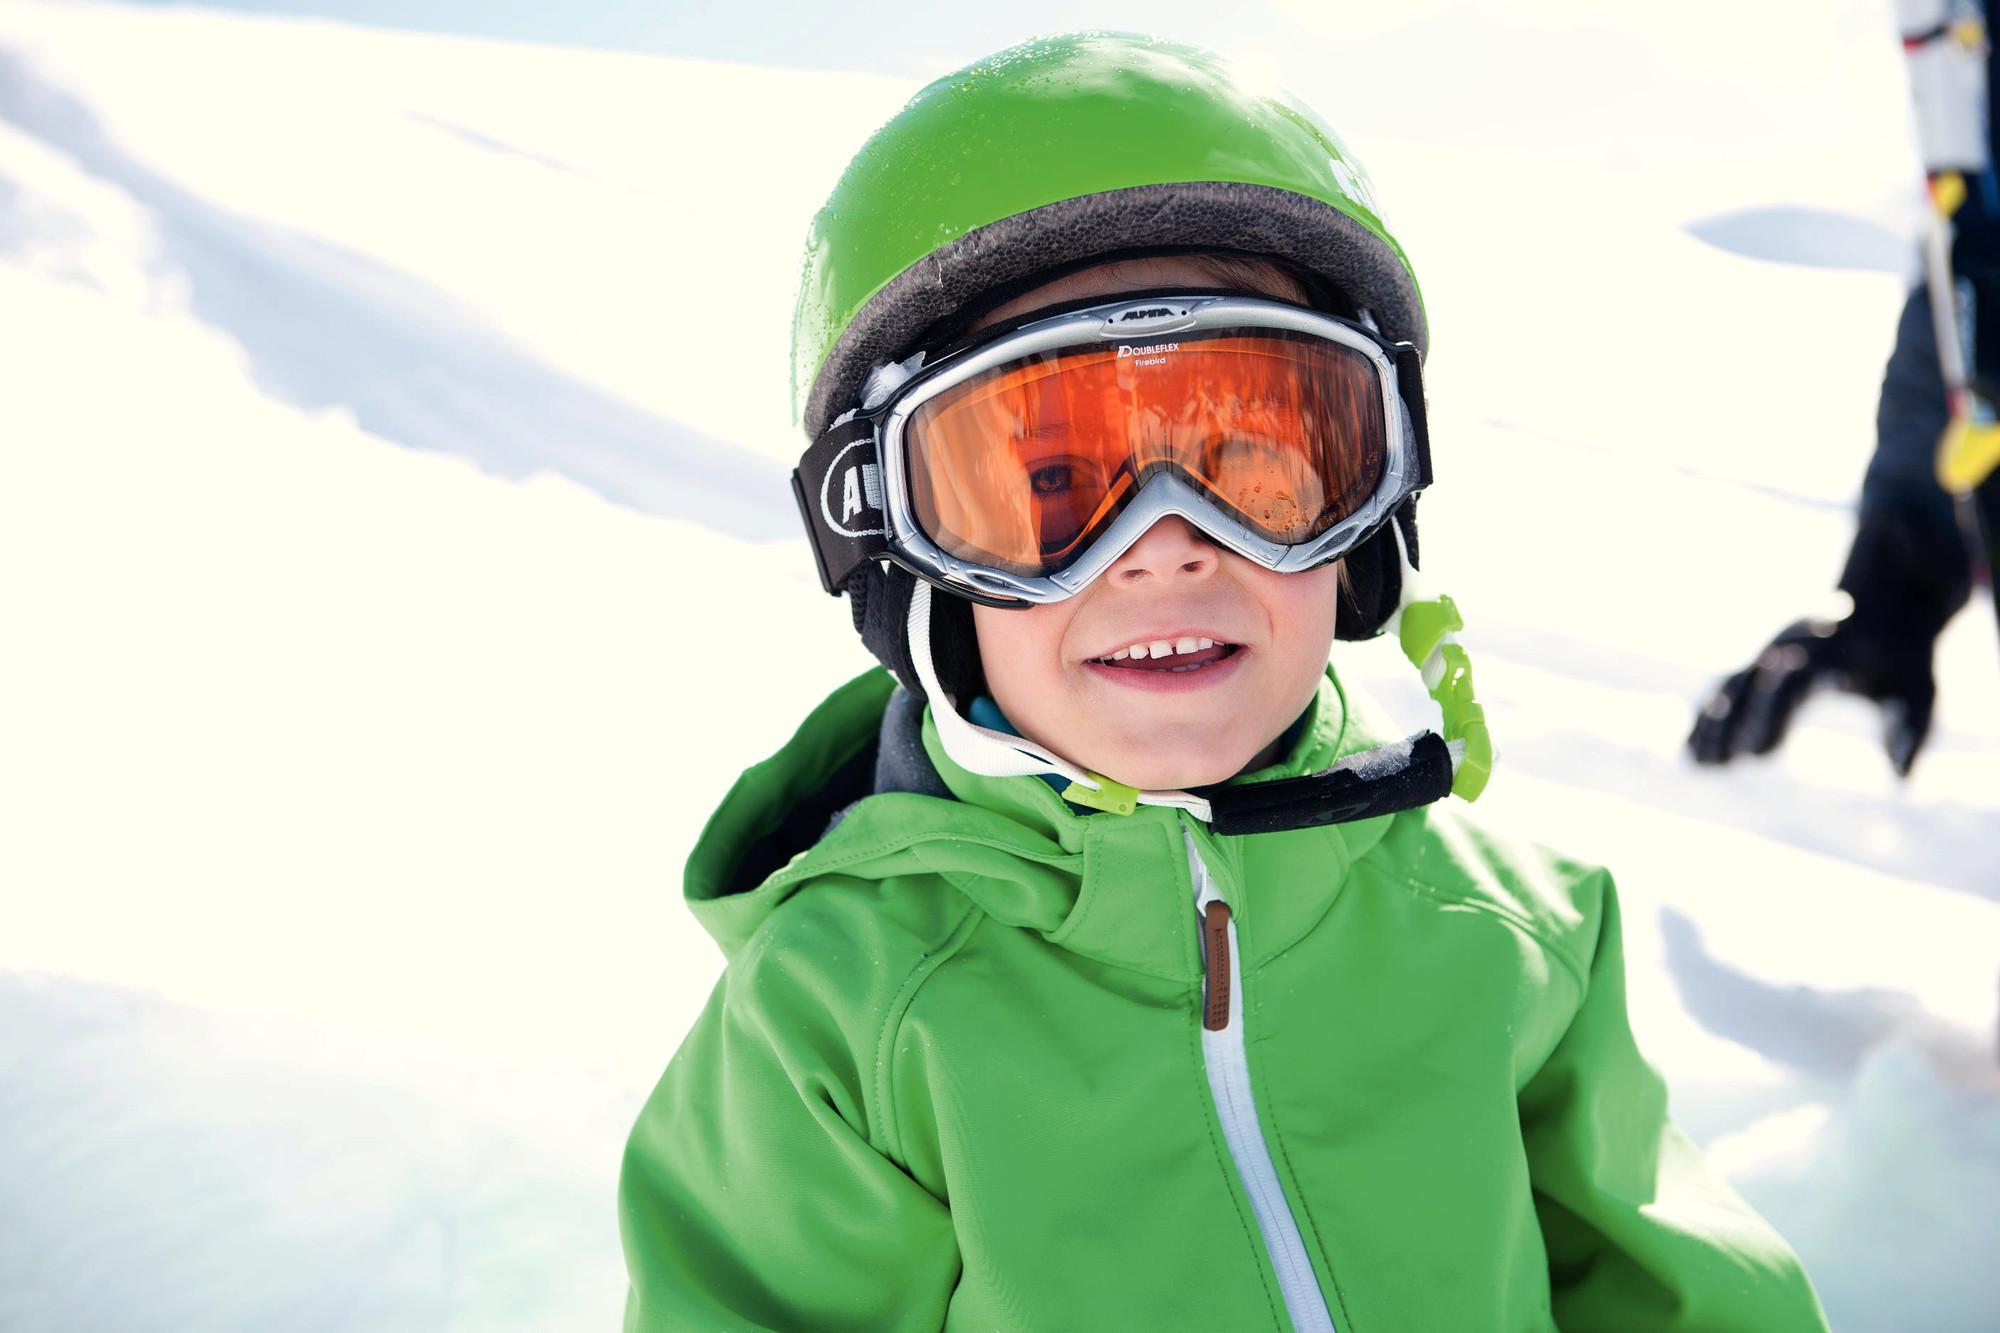 Bub mit grüner Jacke und grünem Helm hat sichtlich Spaß am Skifahren